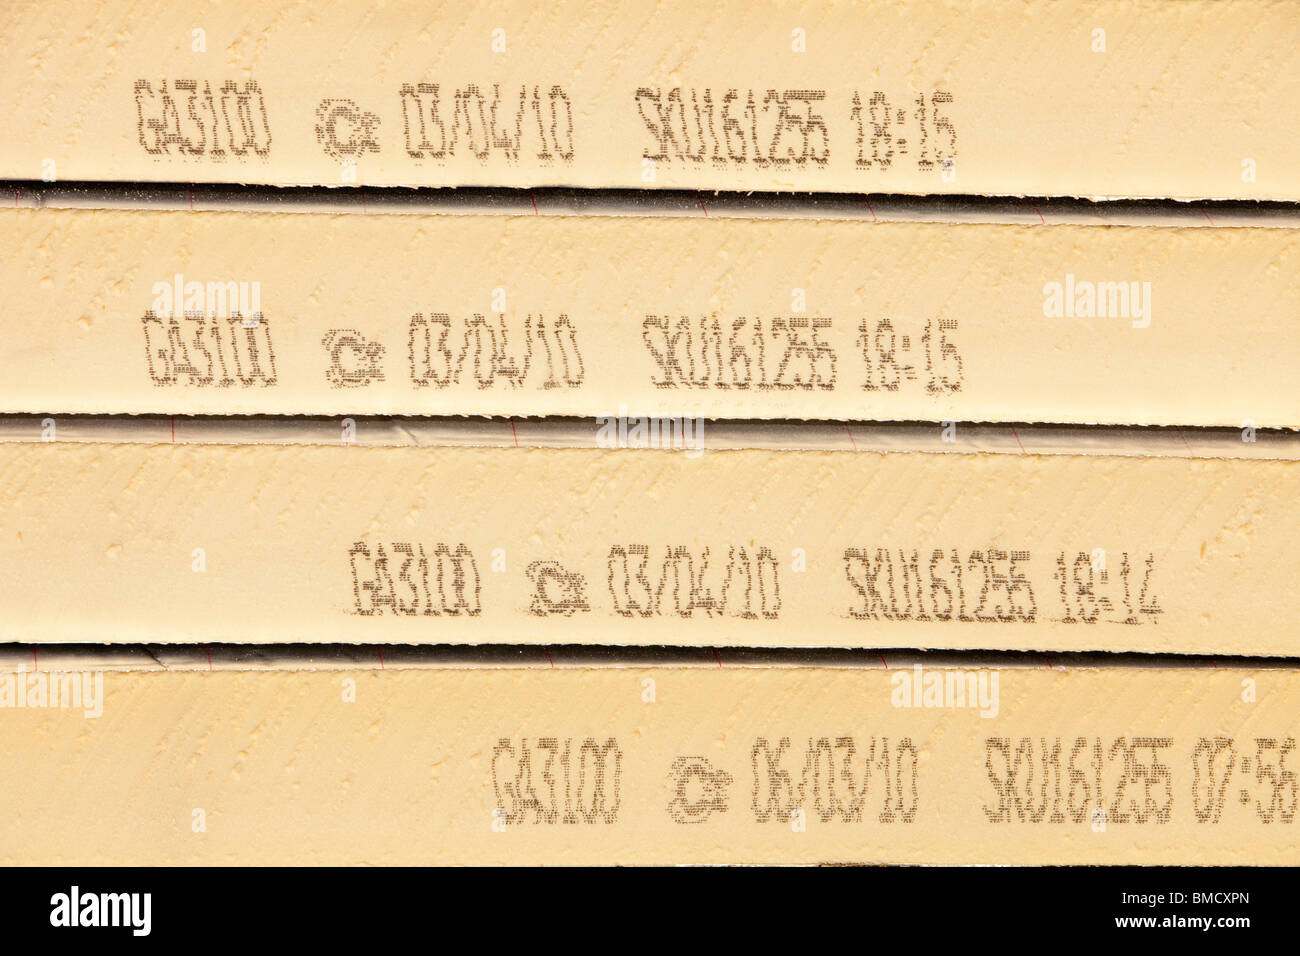 Indiustry im genes de stock indiustry fotos de stock alamy - Placas de aislamiento termico ...